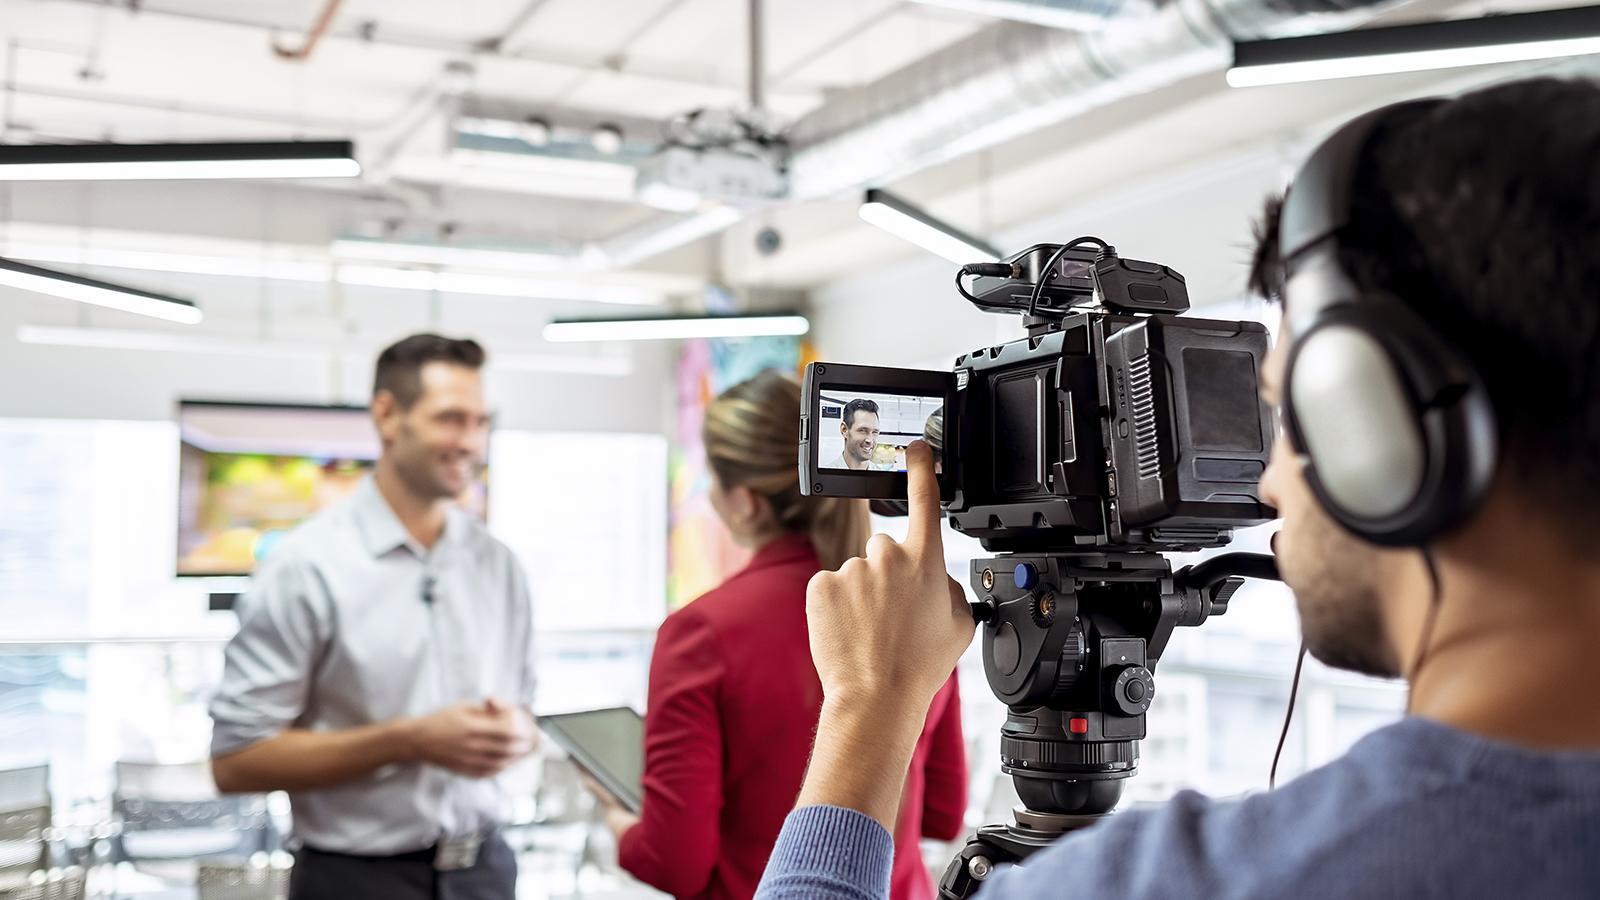 Saiba como otimizar a presenca digital da empresa utilizando videos 3 - Saiba como otimizar a presença digital da empresa utilizando vídeos